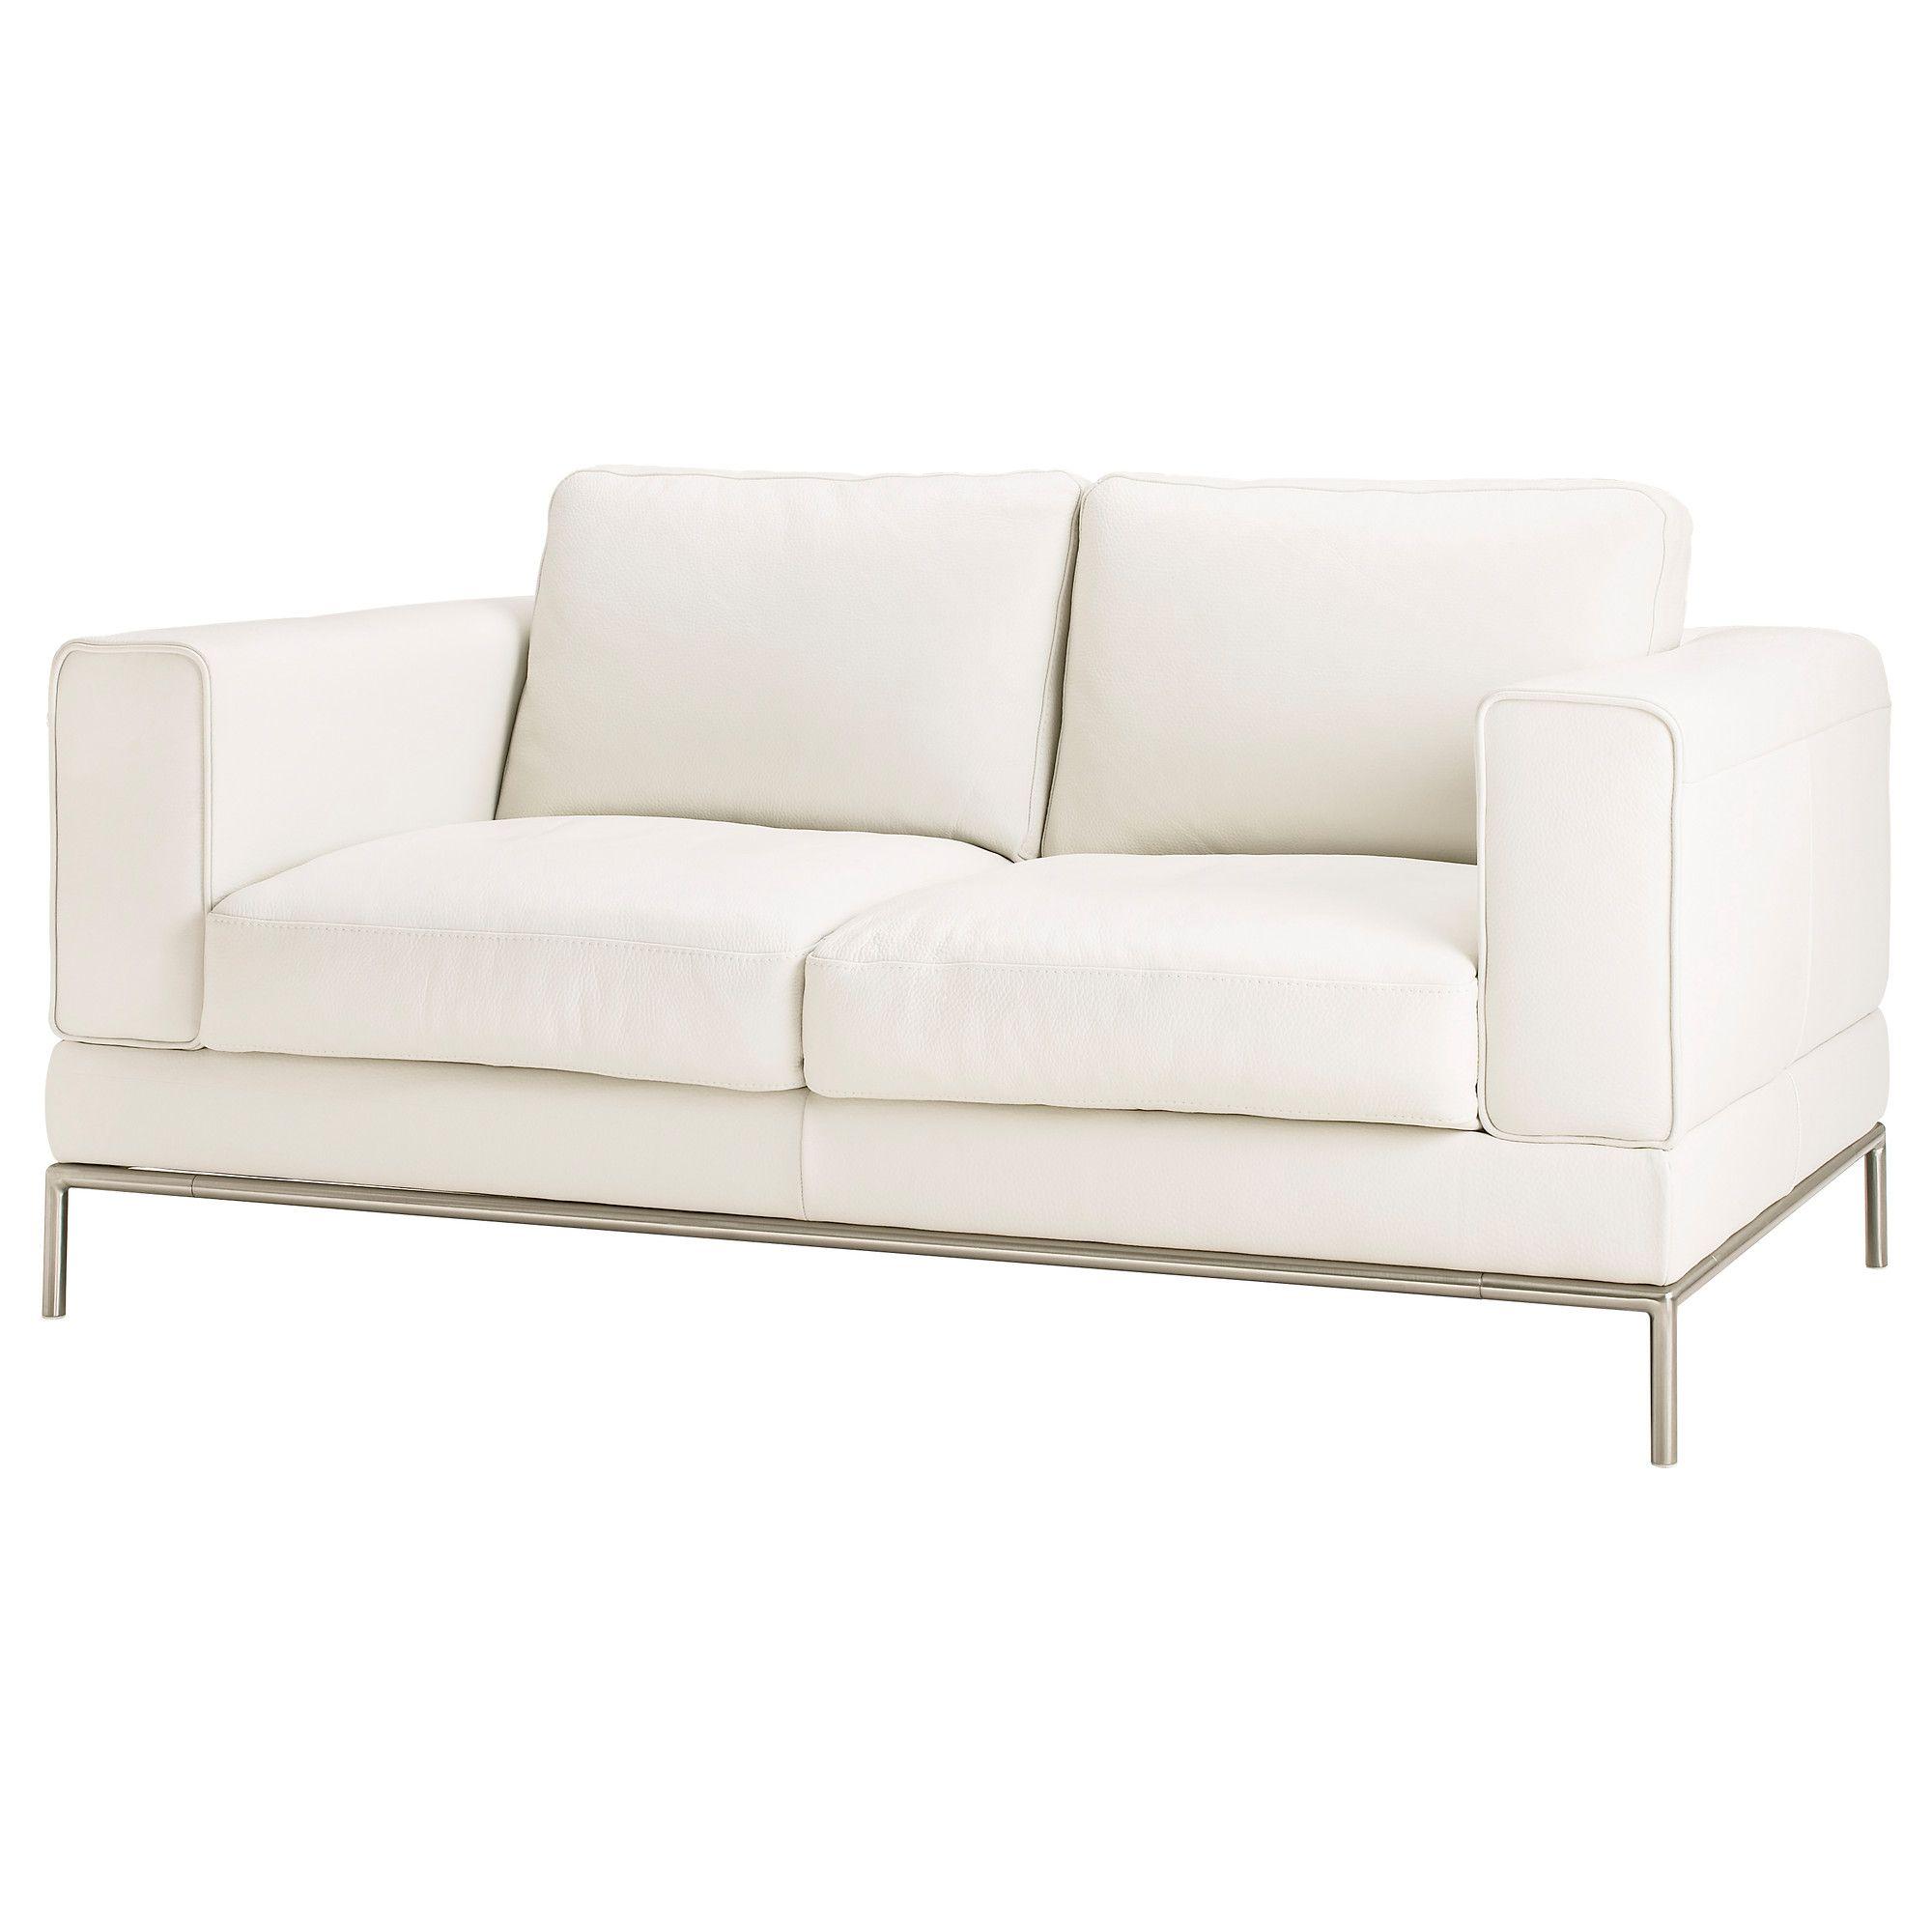 karlstad sofa blekinge white clearance london arild two seat karaktär bright ikea